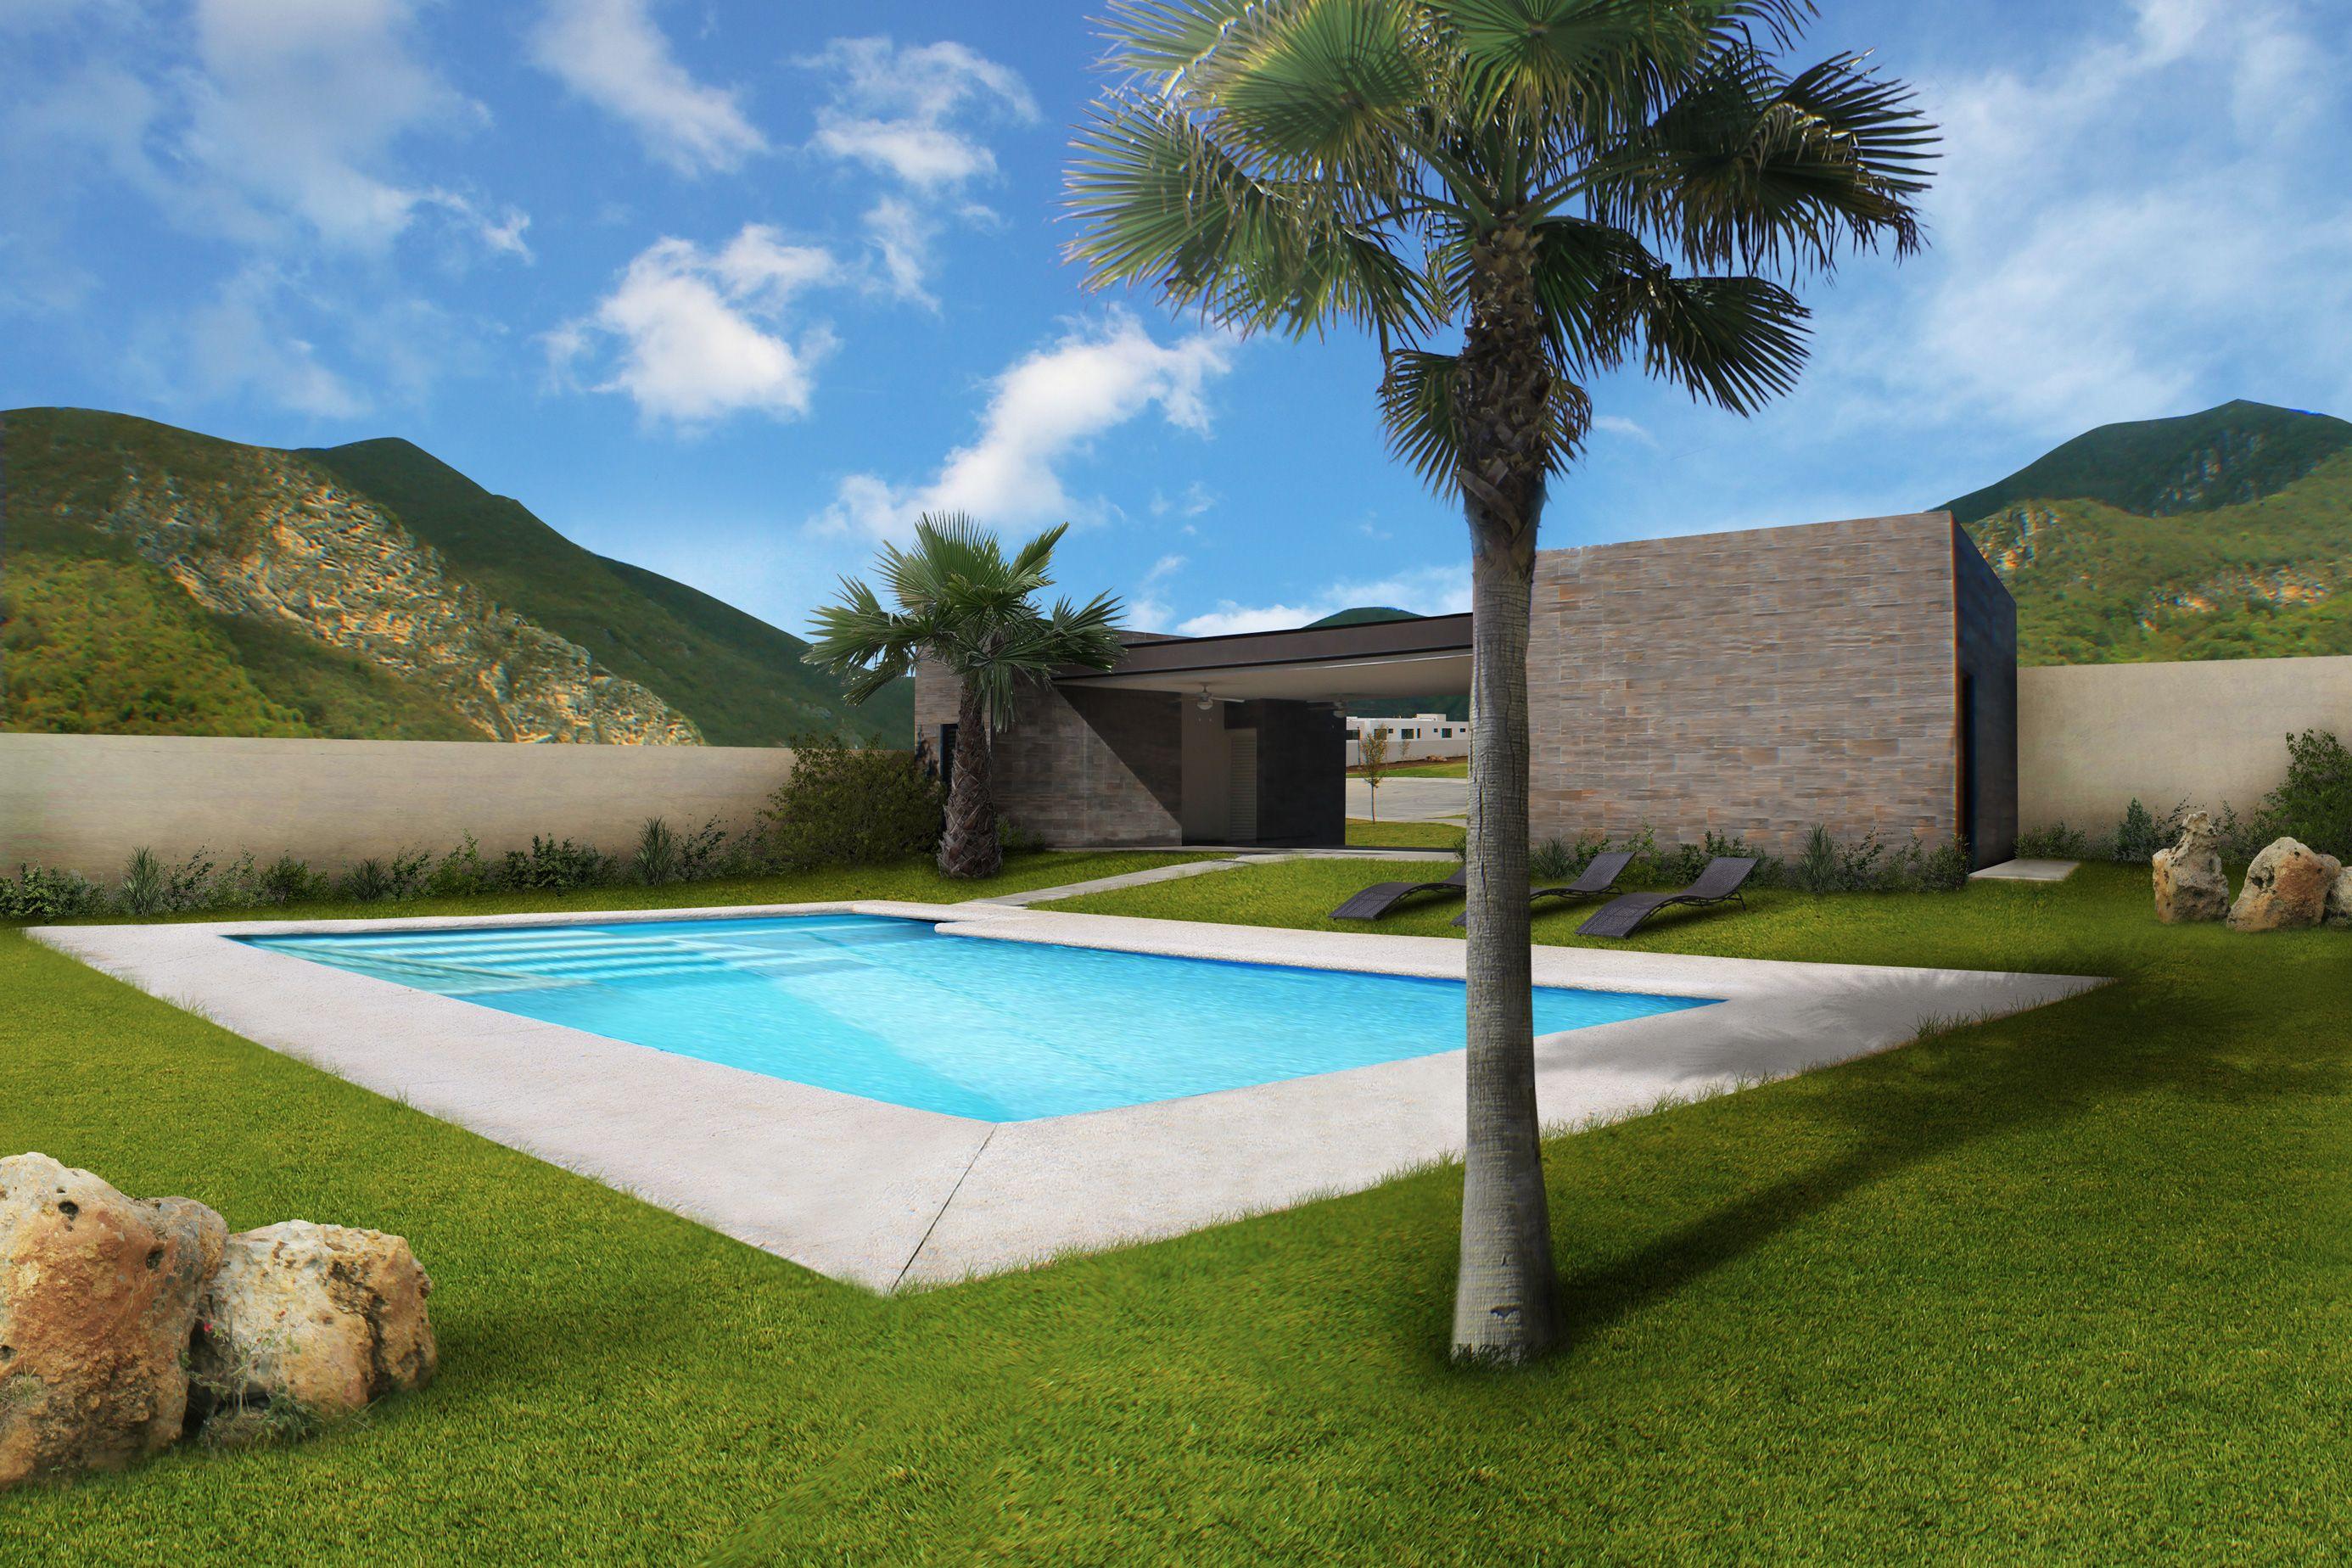 Casa Club con alberca y áreas recreativas para disfrutar en familia #casas #residencias #monterrey #home #familia #alberca #fraccionamiento #casa #casaclub #piscina